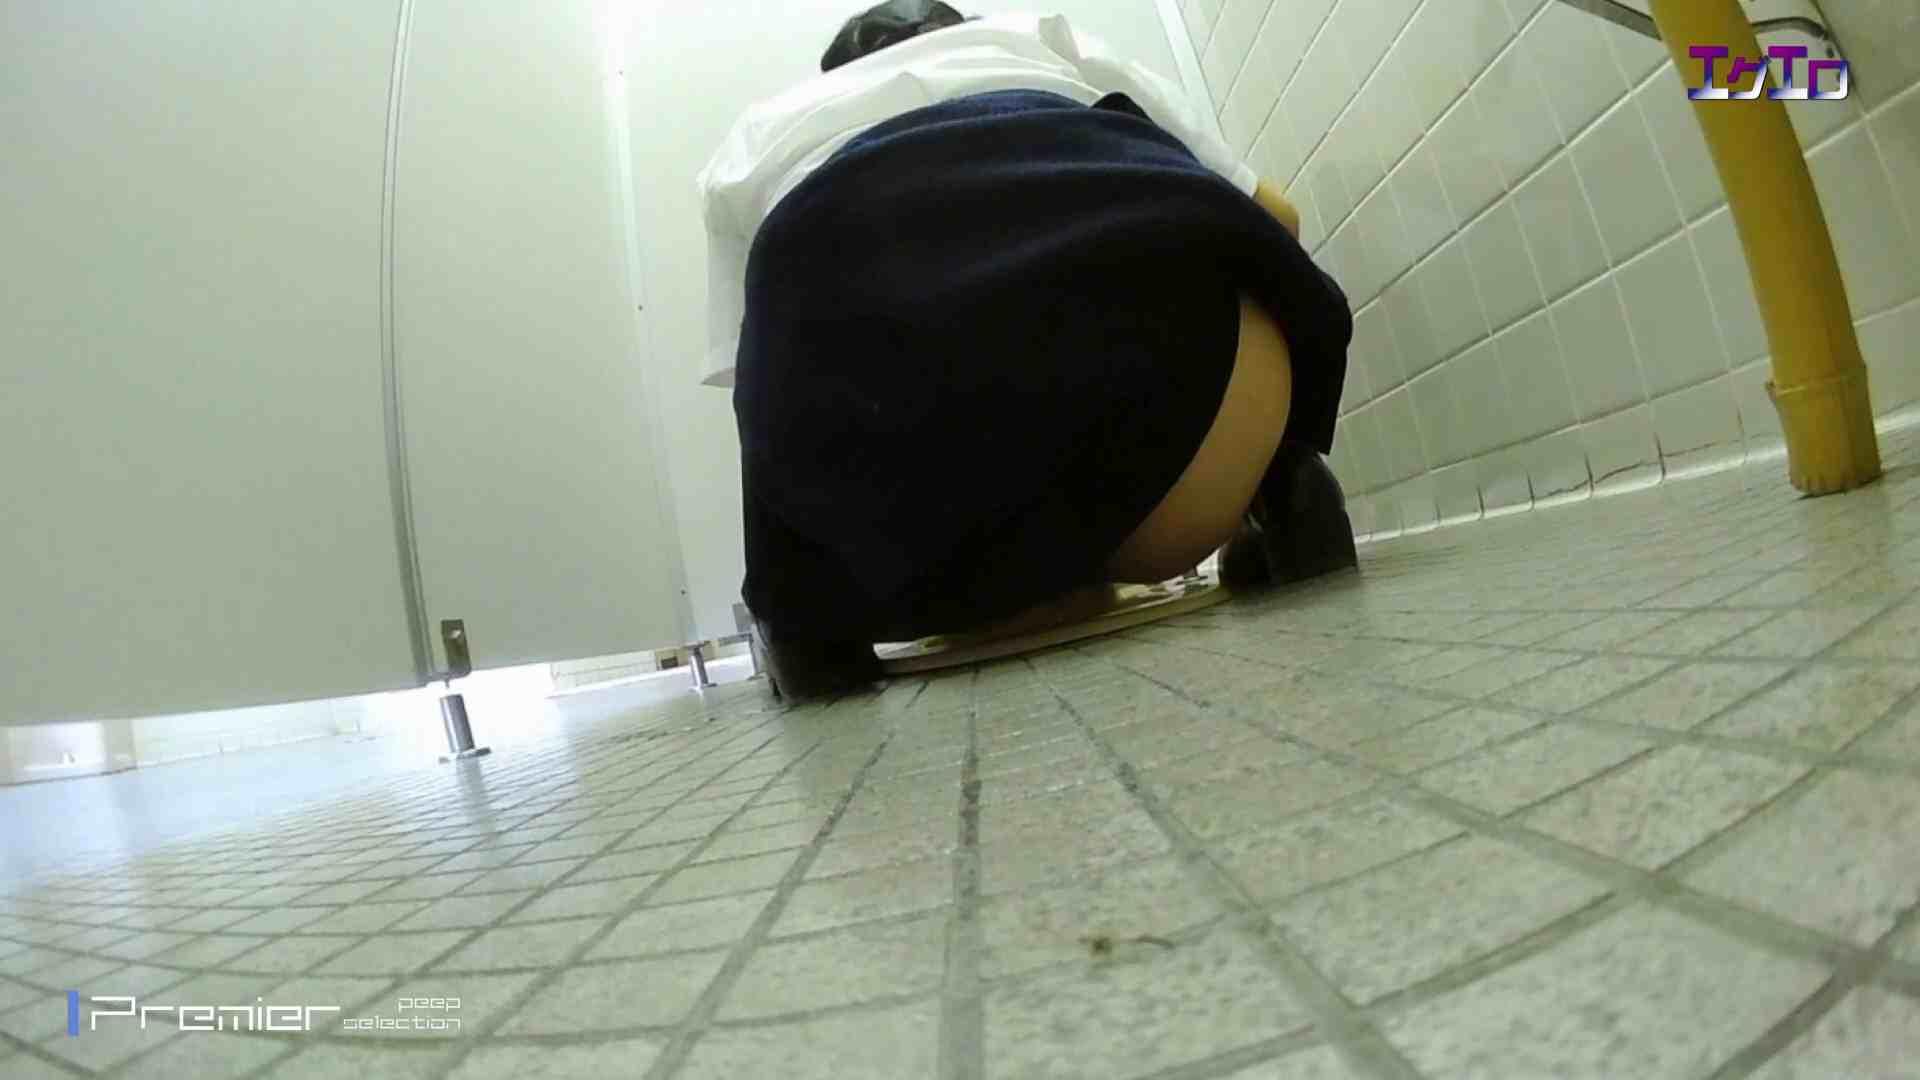 執念の撮影&追撮!!某女子校の通学路にあるトイレ 至近距離洗面所 Vol.16 美肌 ワレメ無修正動画無料 26画像 13